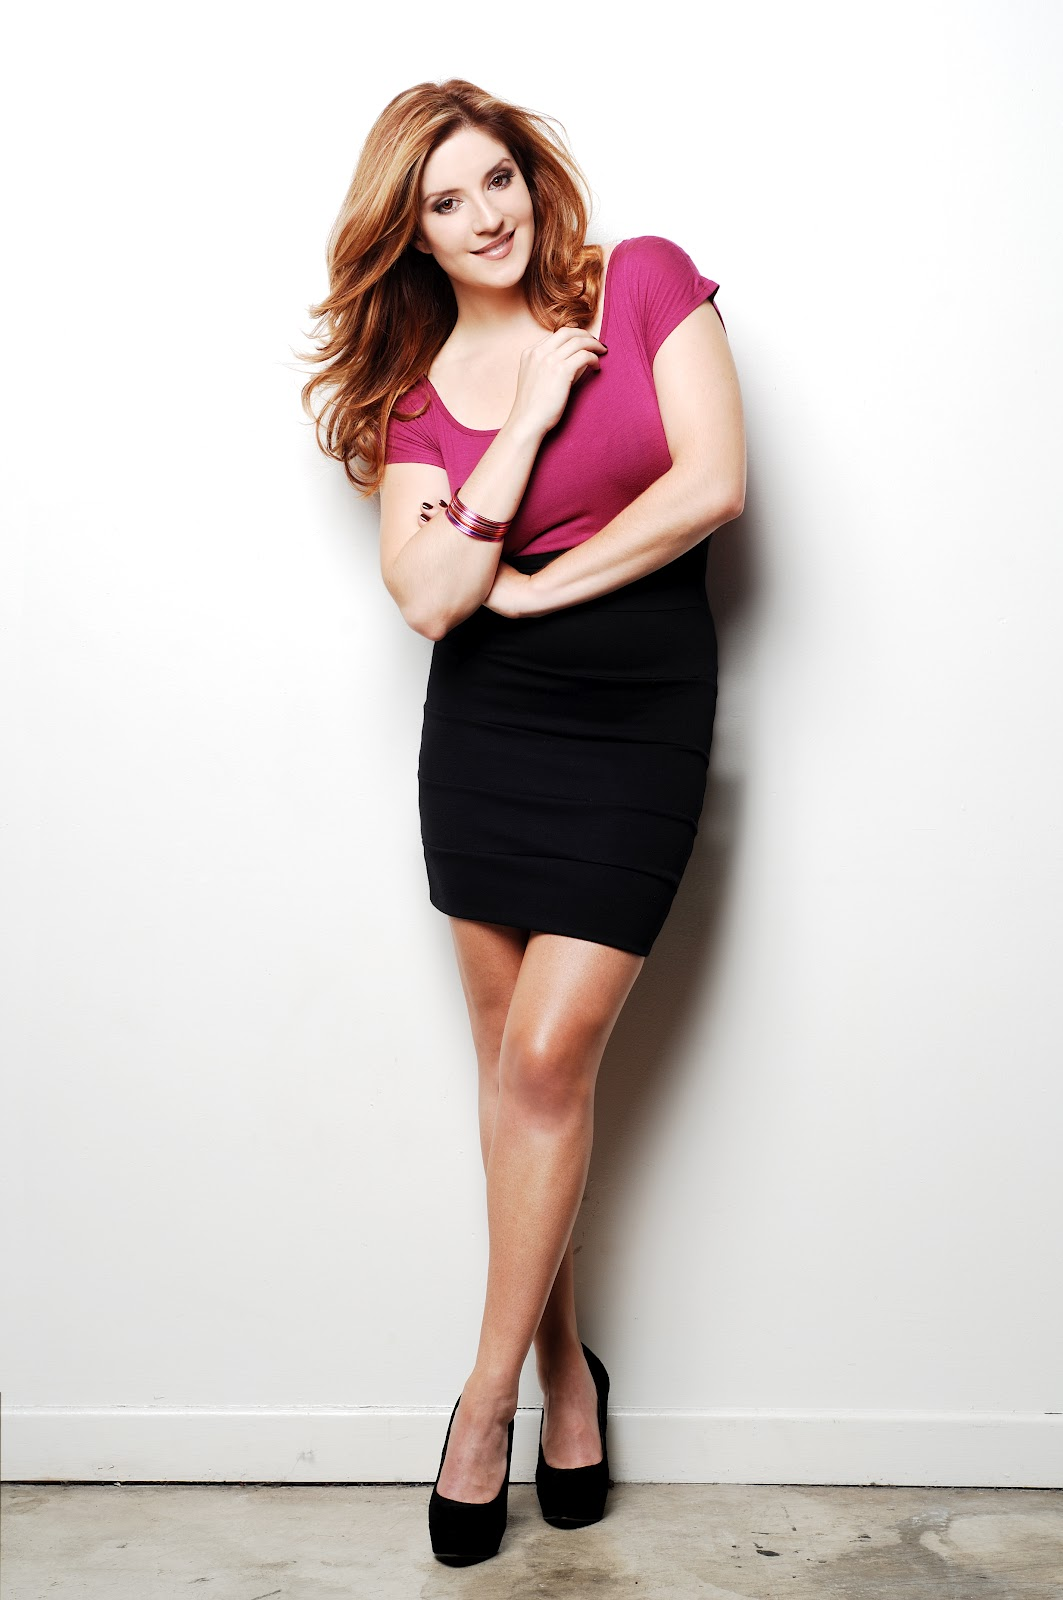 Burgundy Baron's Blog: Favorite Actress Showcase #7 ...